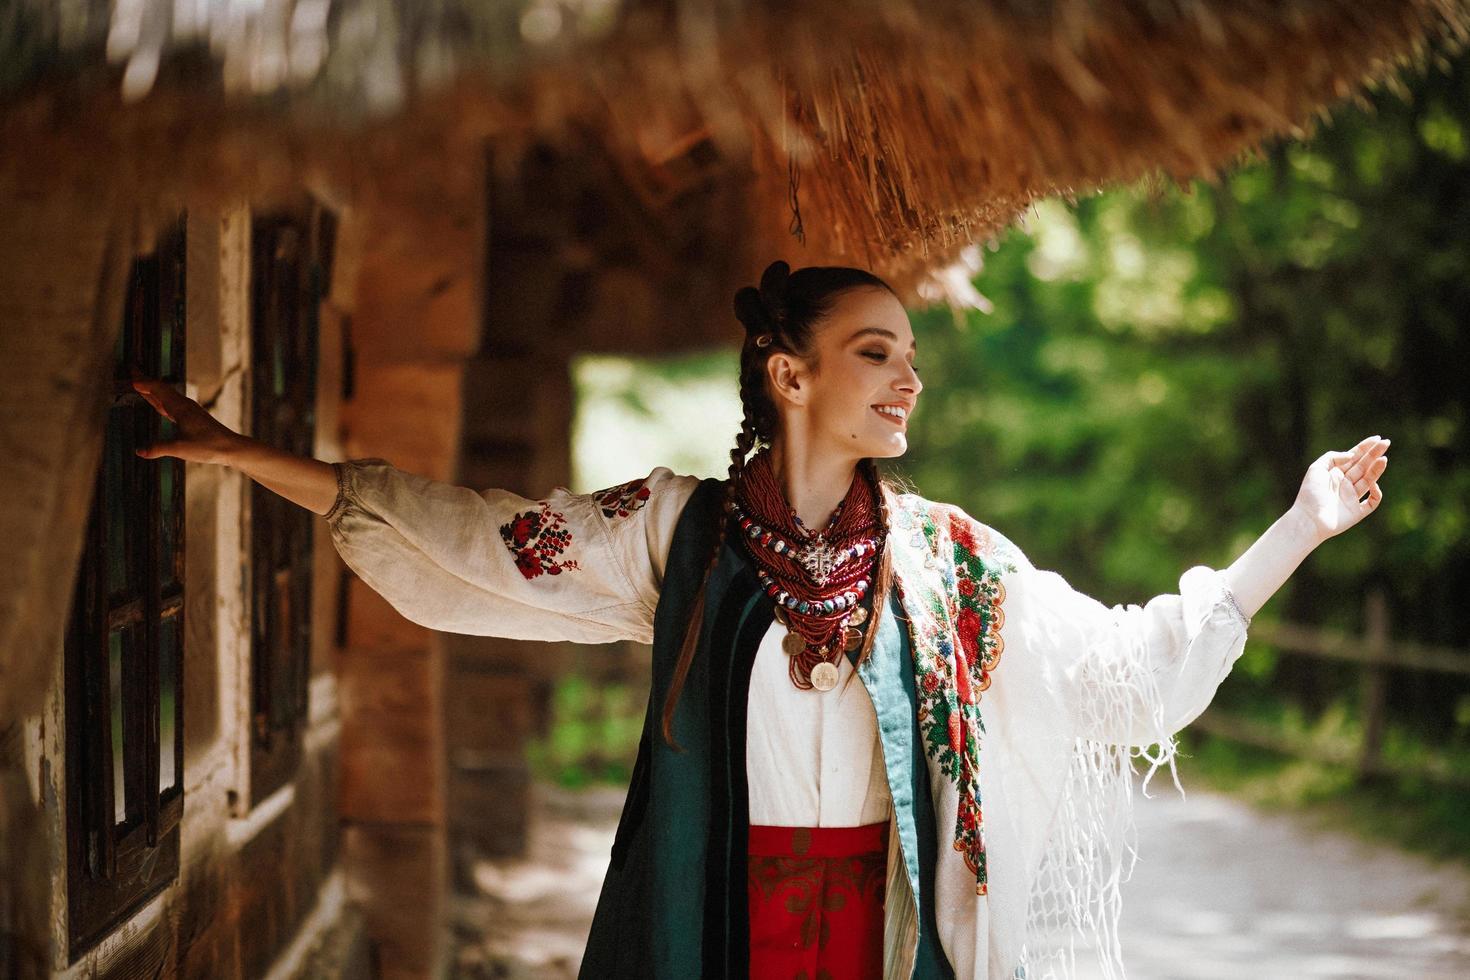 linda garota em um vestido tradicional ucraniano dançando e sorrindo foto